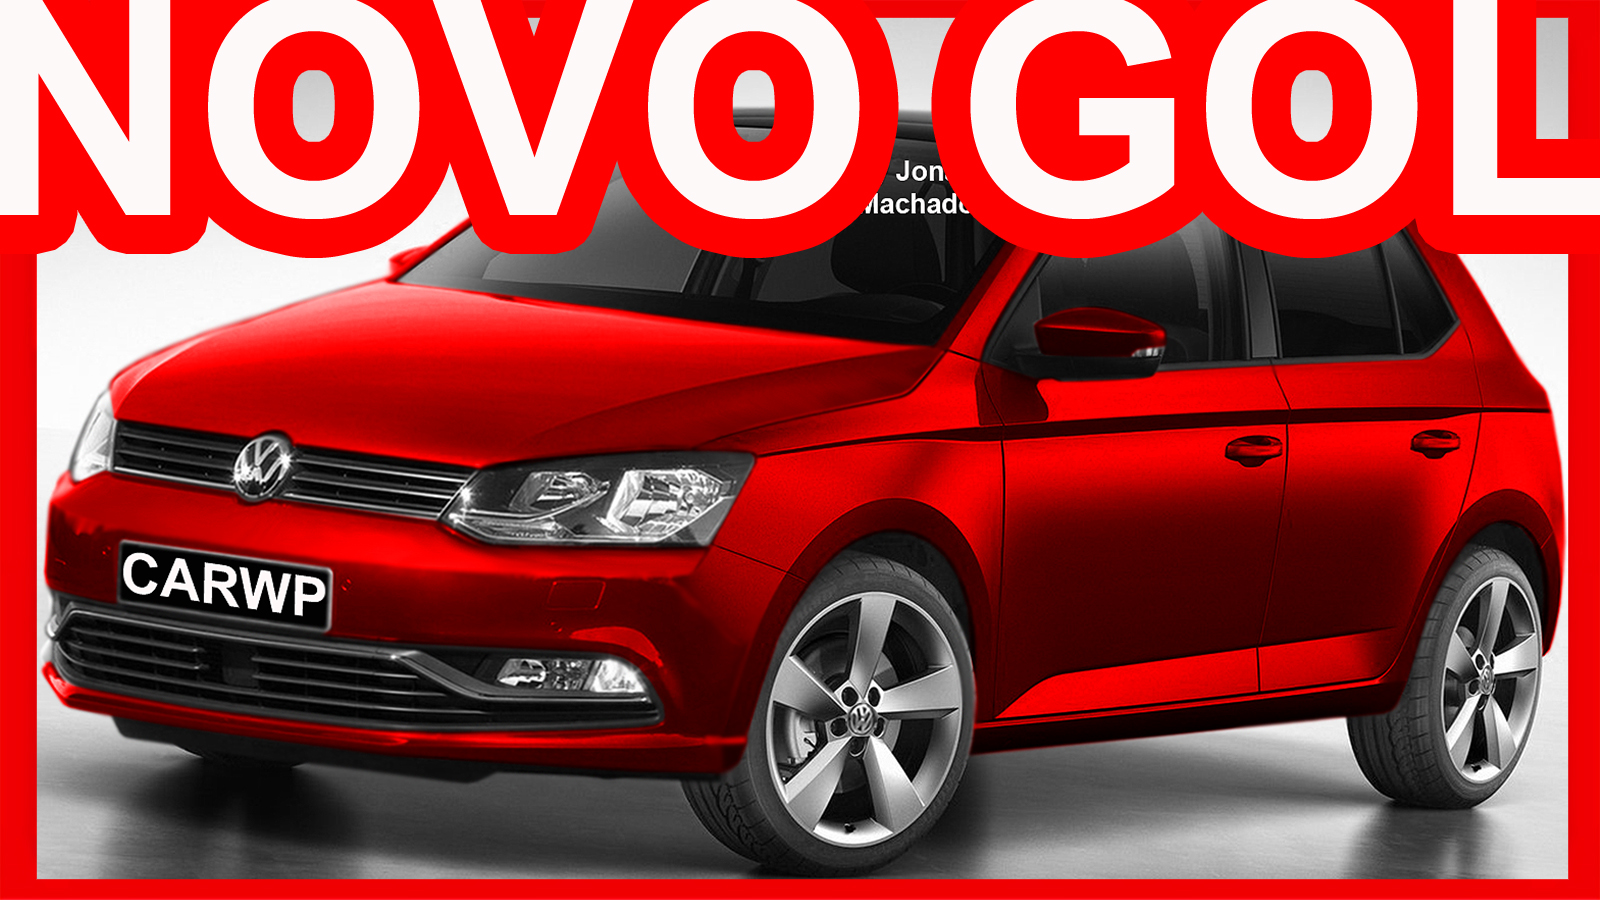 Novo Ford Focus 2018 >> Novo Volkswagen Gol G7 2018 TSI 82 cv-150 cv @ Mini-Golf # ...